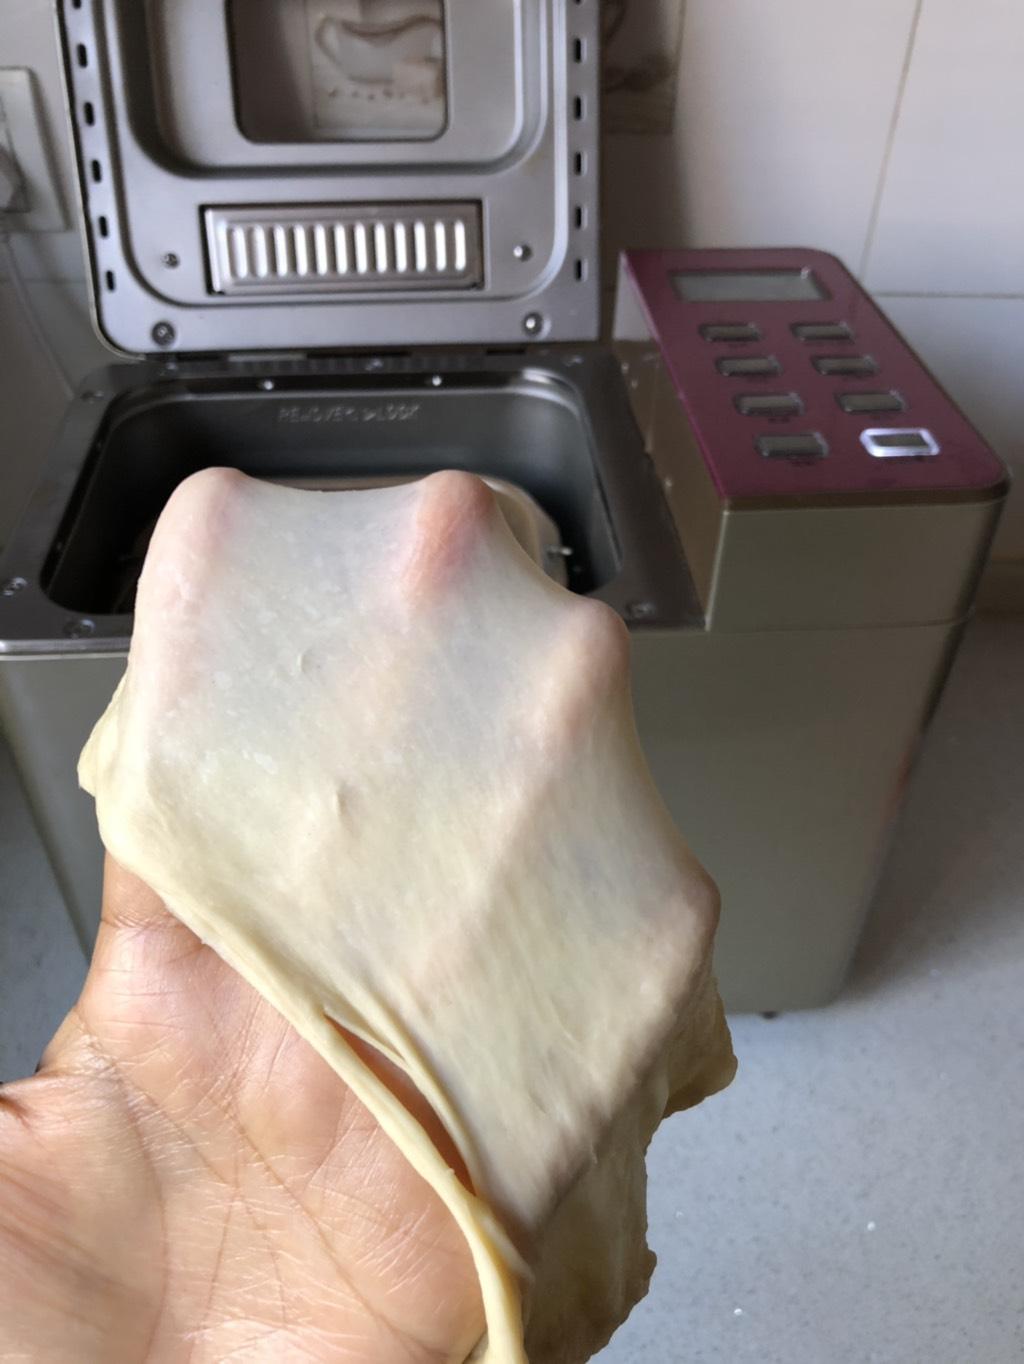 黄油卷,所有材料(黄油除外)加入面包桶开启和面程序20-30分钟,十分钟加入软化的黄油,继续揉至能拉出厚膜的扩展阶段</p> <p>